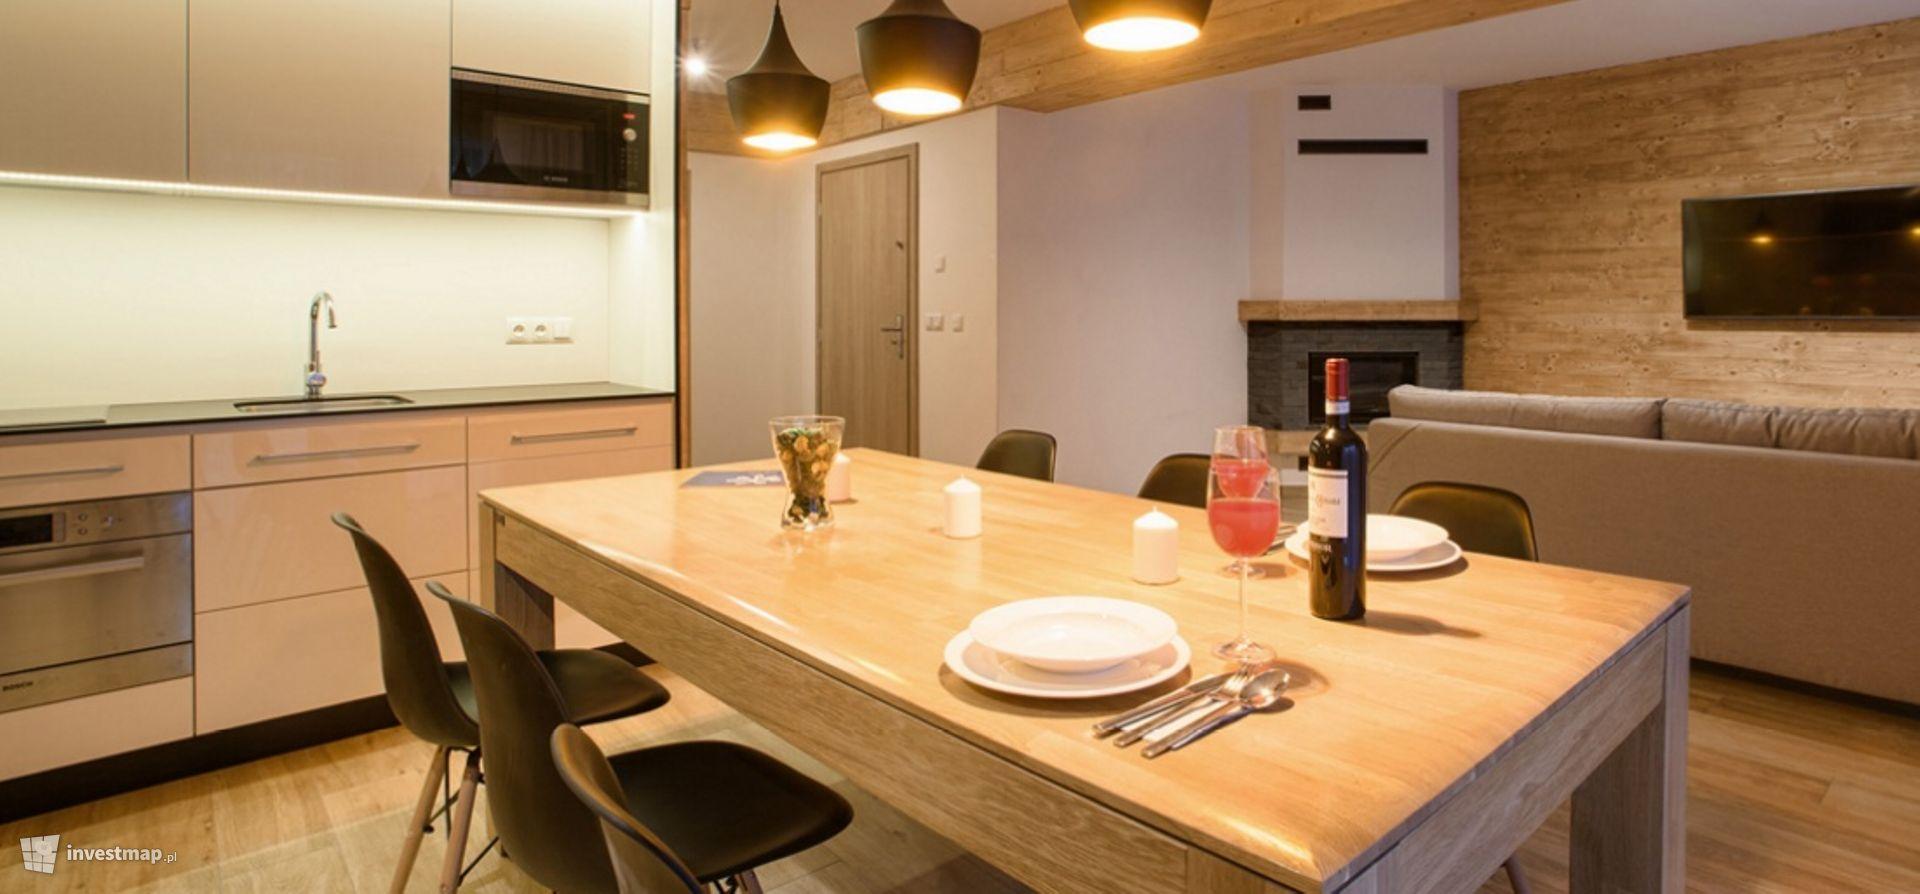 Aparthotel - inwestycja w apartamenty pod wynajem - umowa najmu na 10 lat